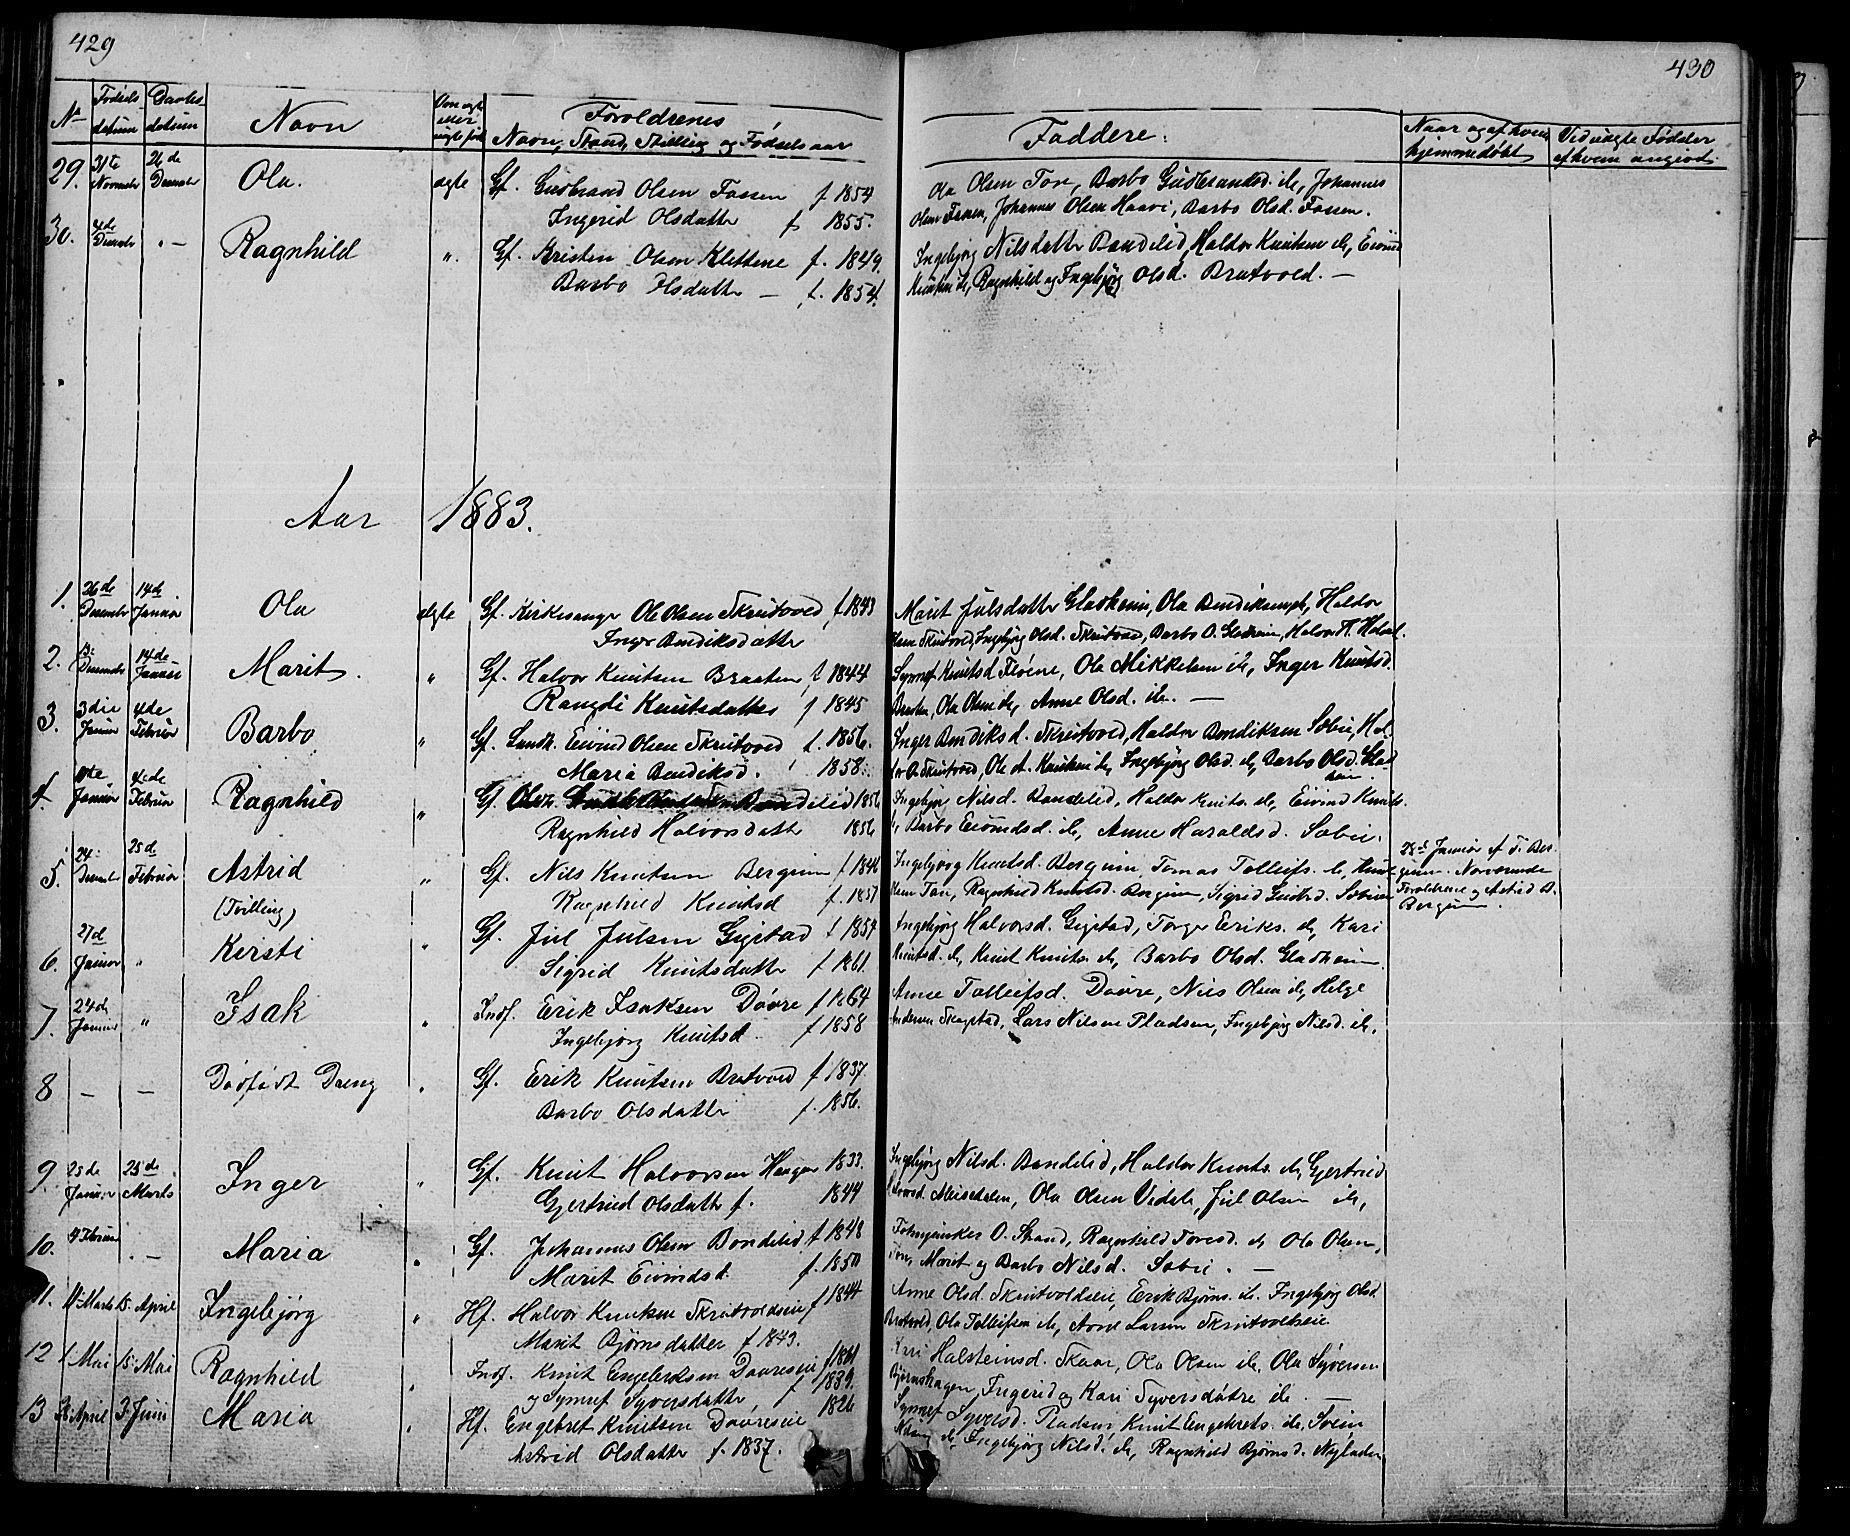 SAH, Nord-Aurdal prestekontor, Klokkerbok nr. 1, 1834-1887, s. 429-430